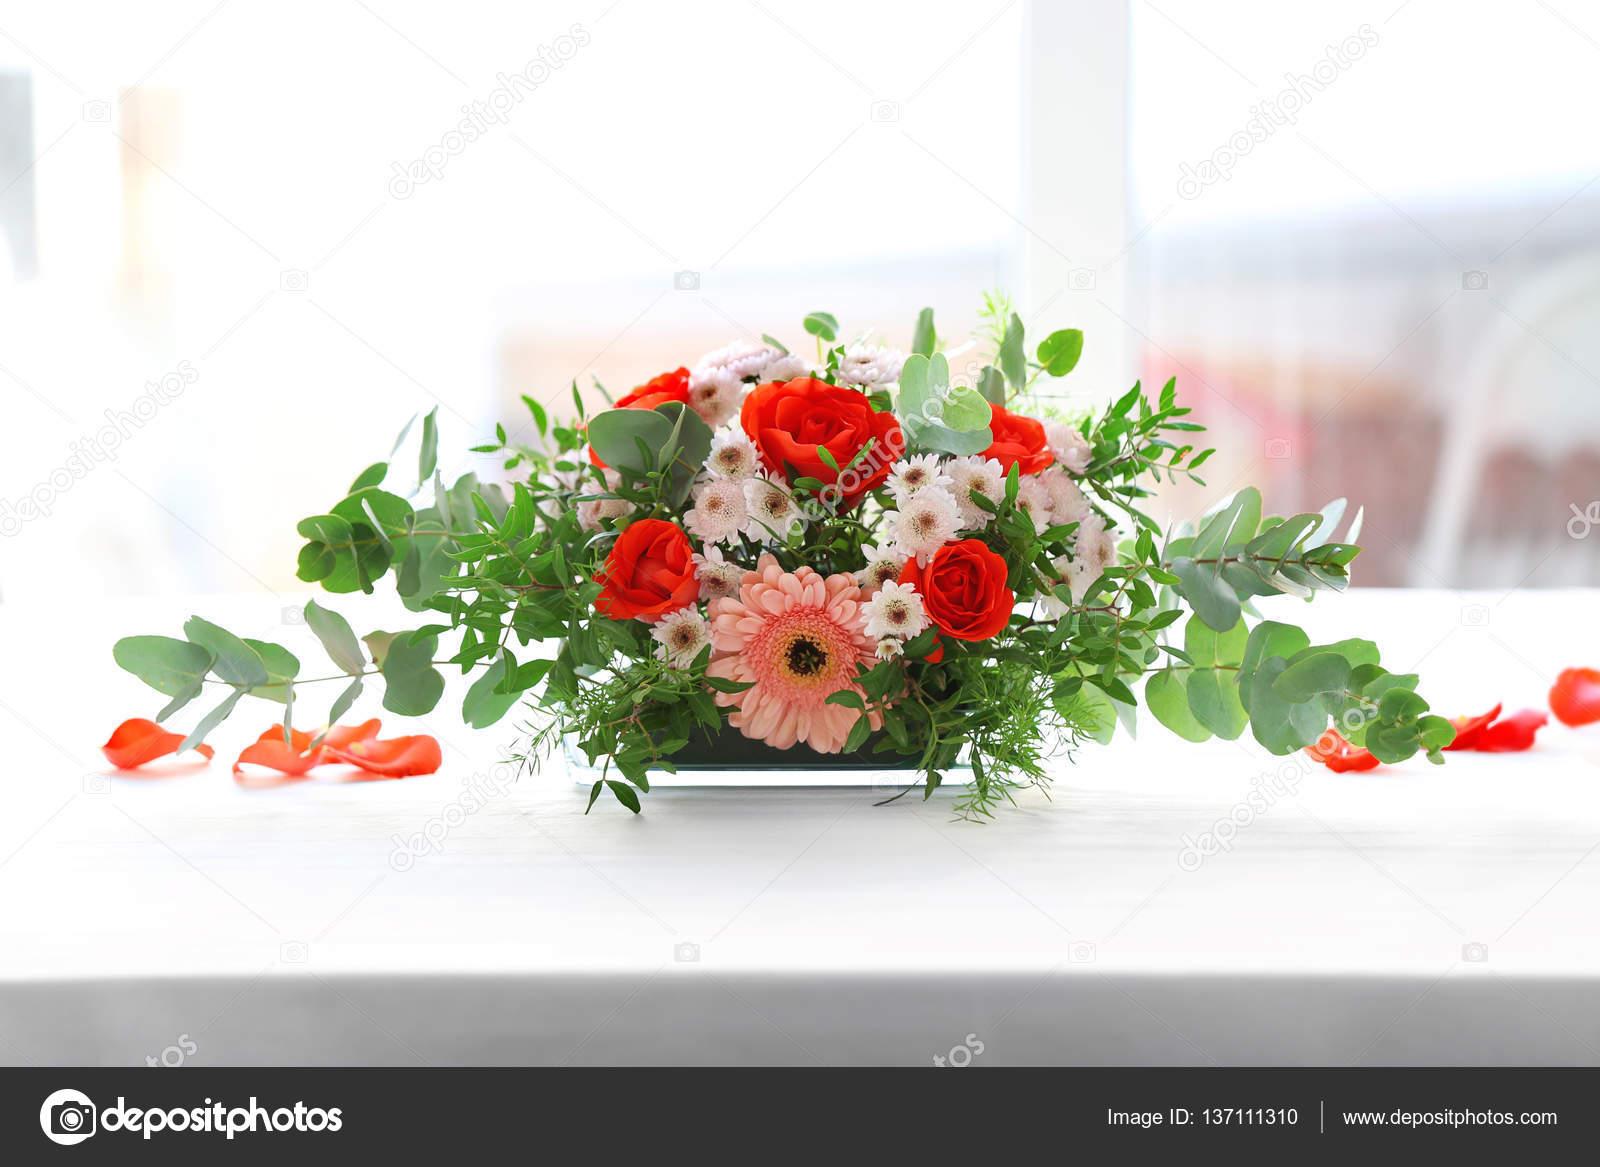 Arreglo Floral En Mesa Fotos De Stock Belchonock 137111310